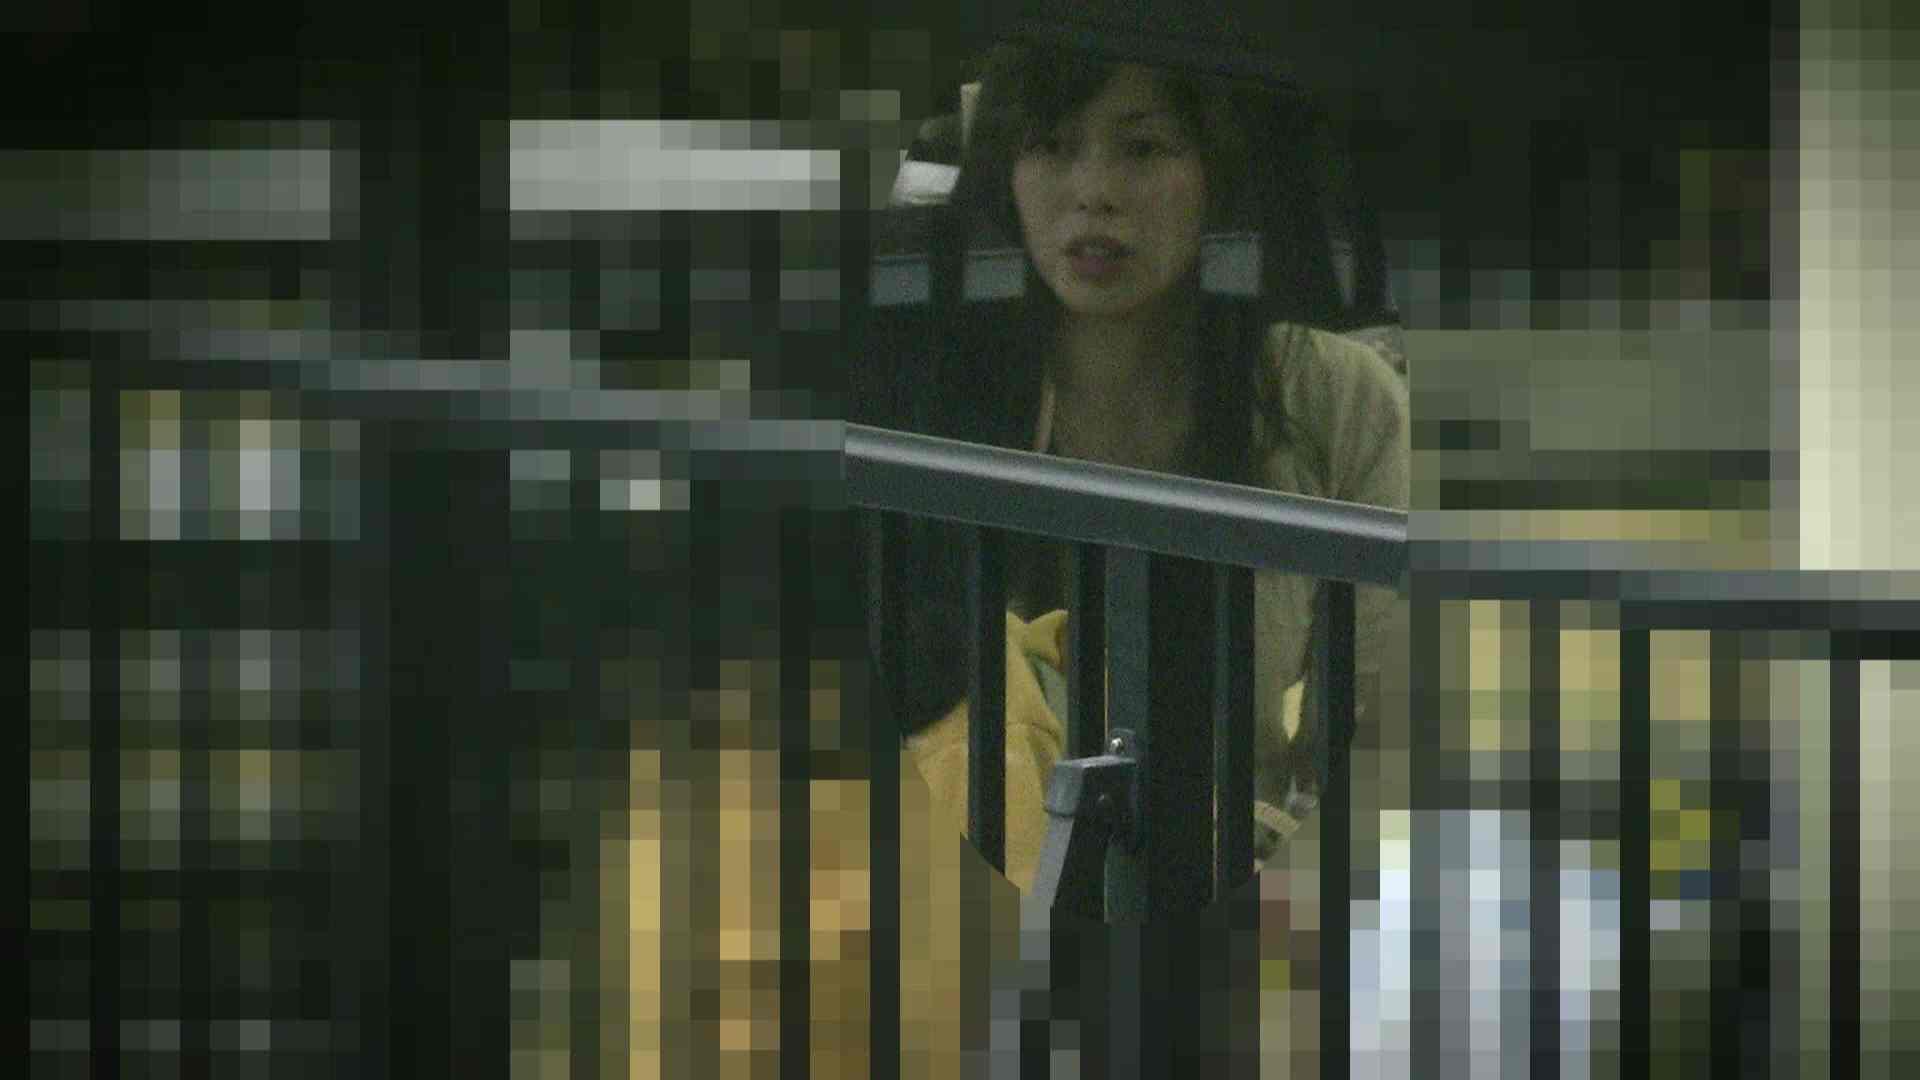 高画質露天女風呂観察 vol.006 乙女のエロ動画 濡れ場動画紹介 98PIX 46